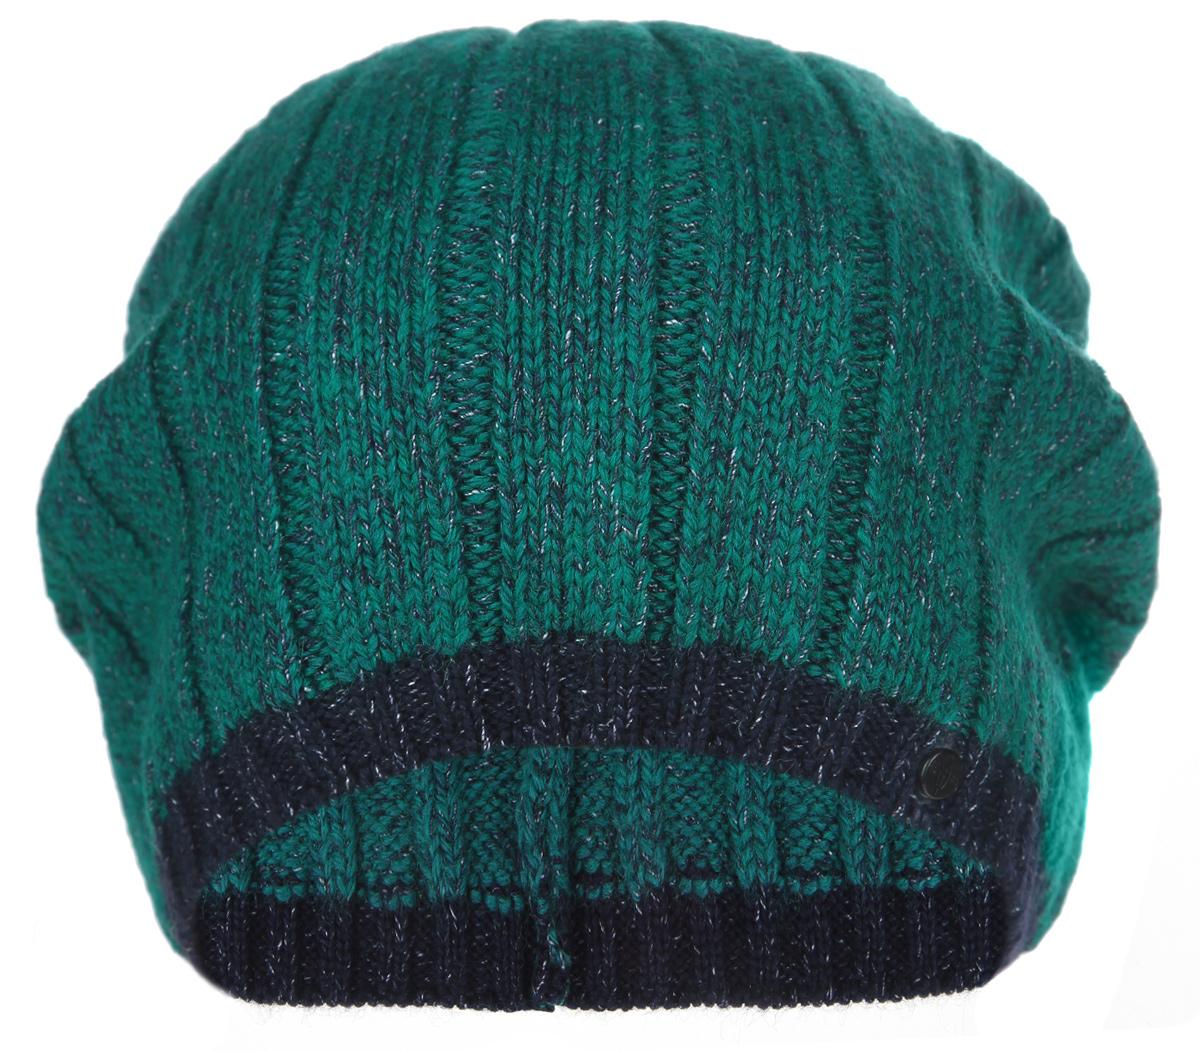 Шапка мужская Rossini3447794Мужская шапка Canoe Rossini - классическая полушерстяная облегающая шапка, которая отлично дополнит ваш образ в холодную погоду. Сочетание различных материалов максимально сохраняет тепло и обеспечивает удобную посадку. В основной цвет пряжи тонким вкраплением вплетается контрастный цвет и пряжа начинает выглядеть по новому - как будто яркие волоски или капельки разбросаны по голове. Эффект необычный, модный и элегантный. Такая шапка составит идеальный комплект с модной верхней одеждой, в ней вам будет уютно и тепло!